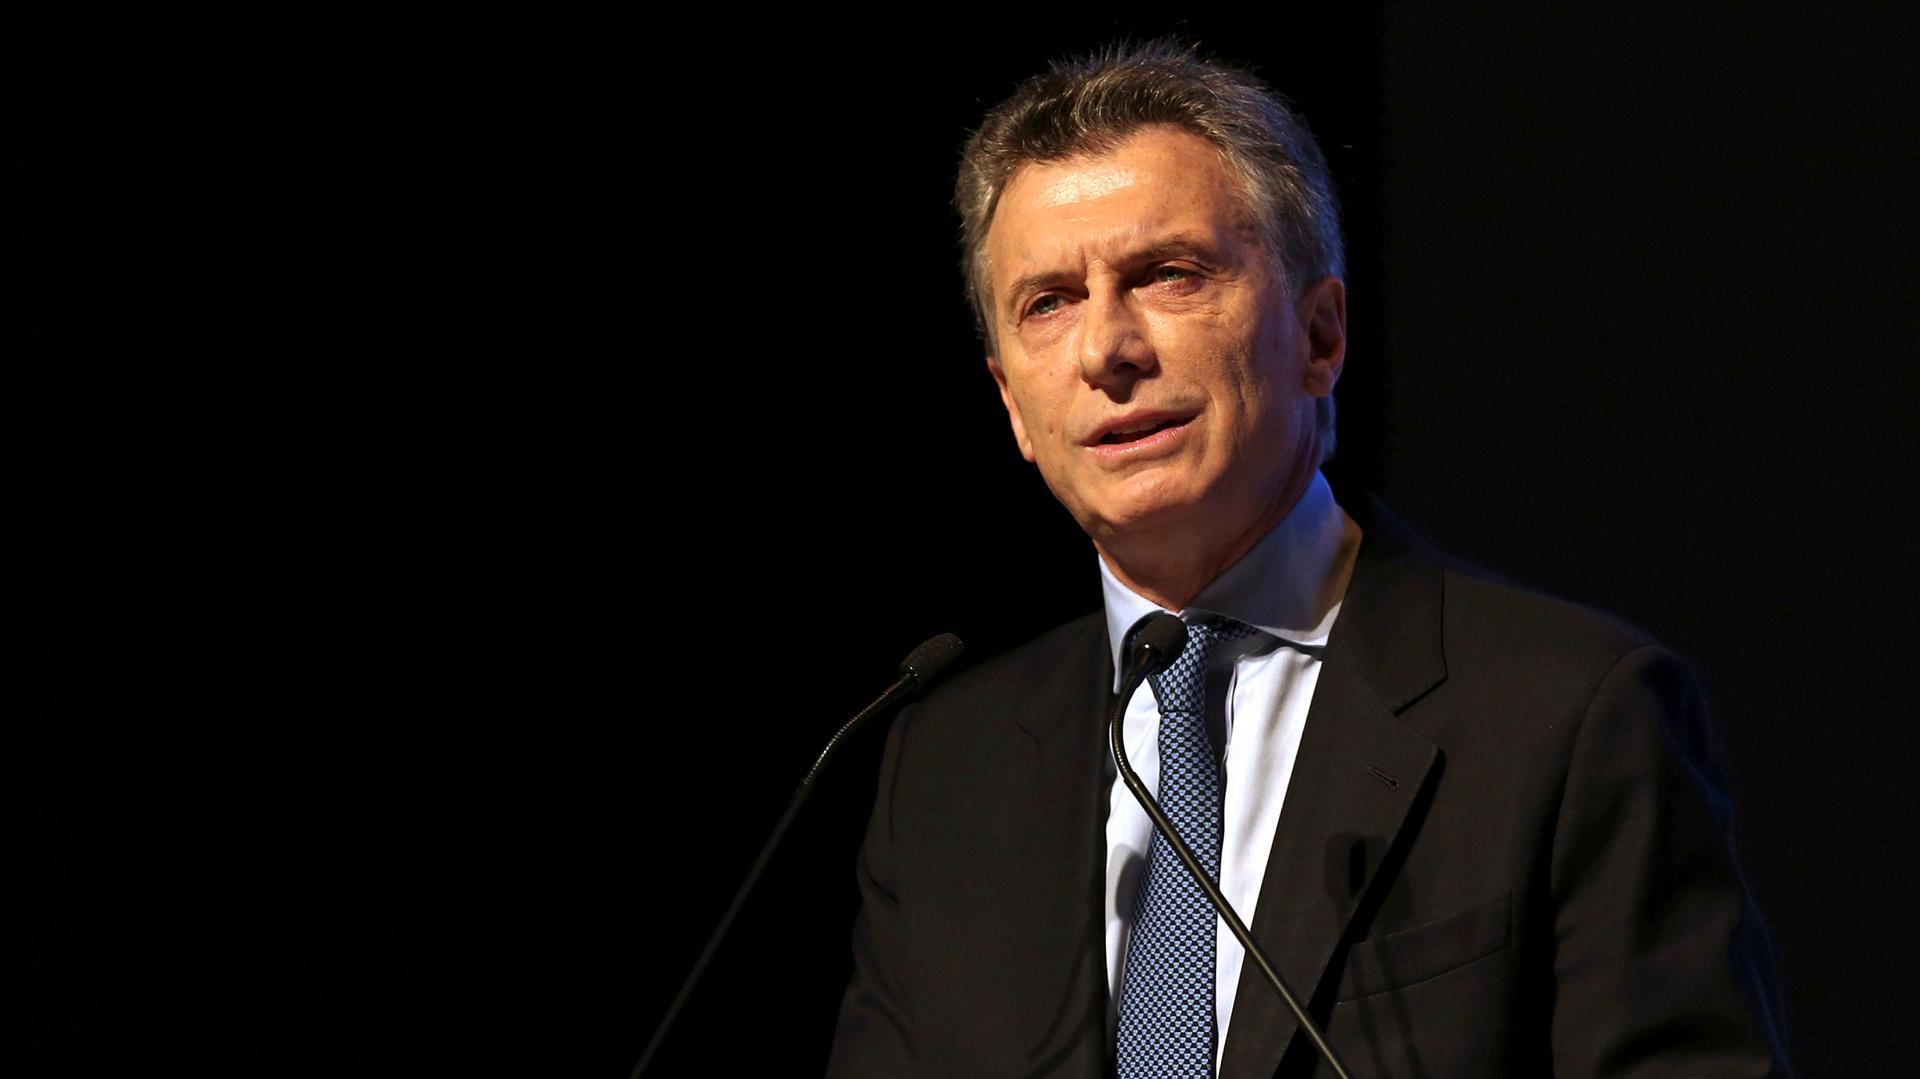 """El Presidente dio un breve discurso en el que invitó a las empresas a participar del """"cambio"""" en el país (Reuters)"""